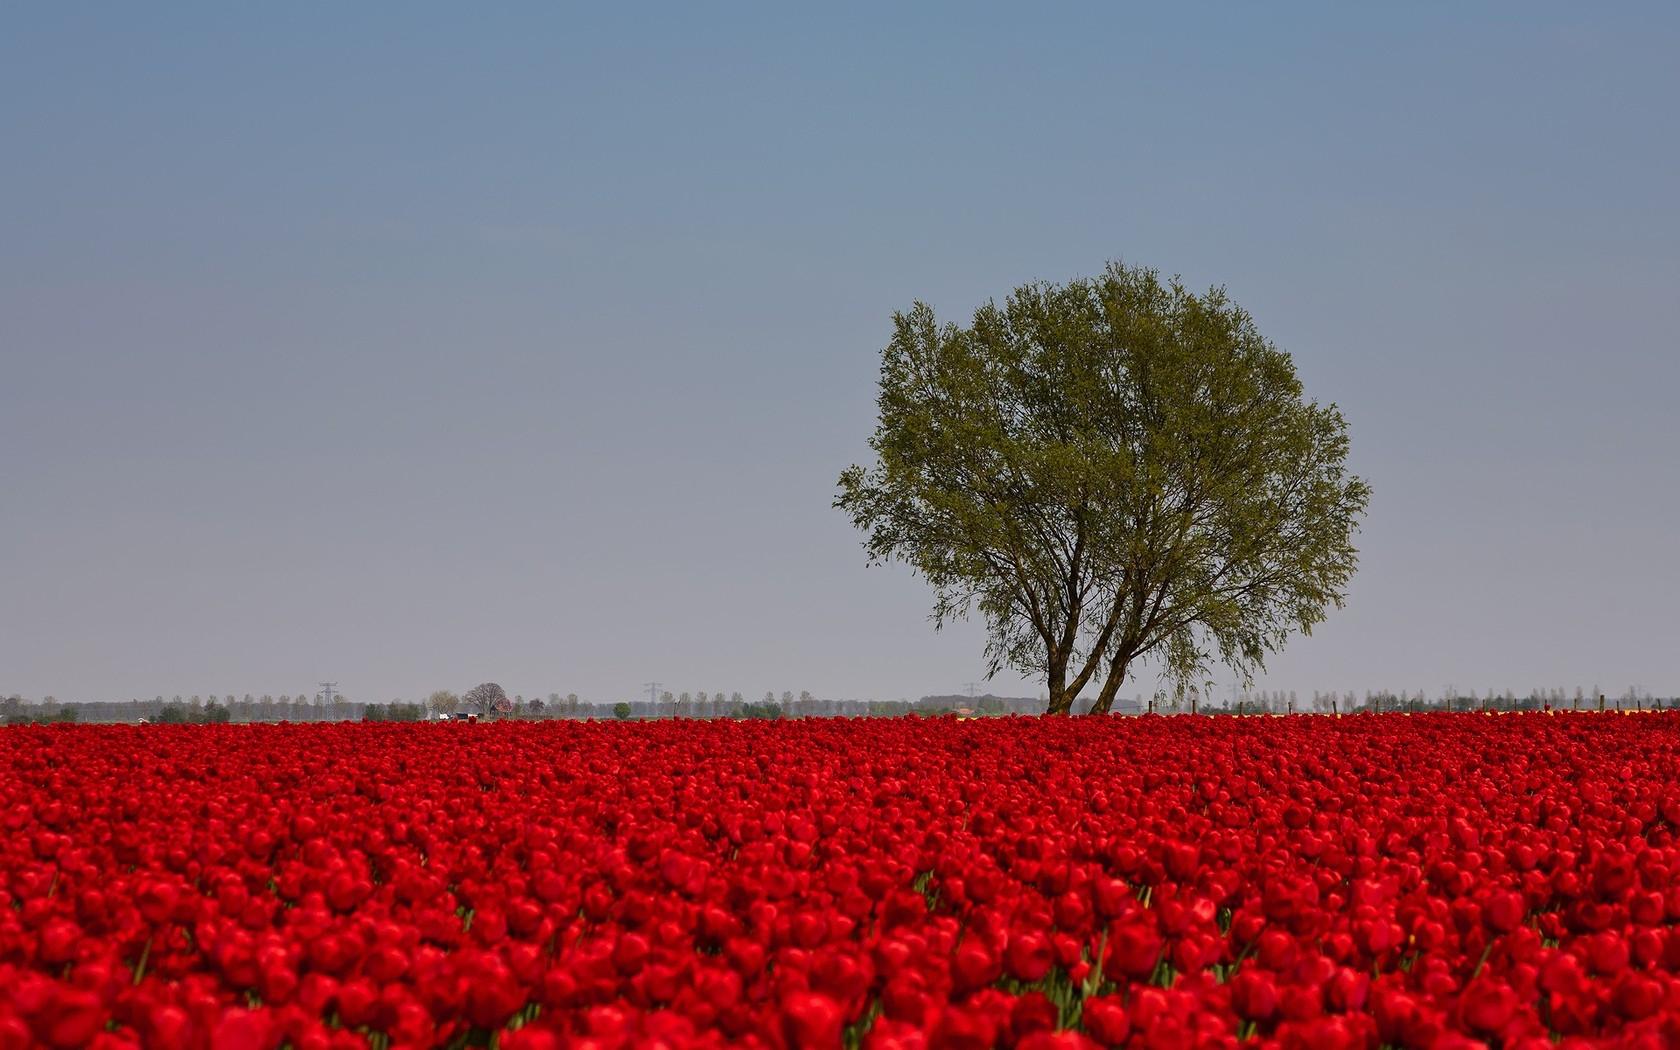 поле из красных роз картинки правильные вещи